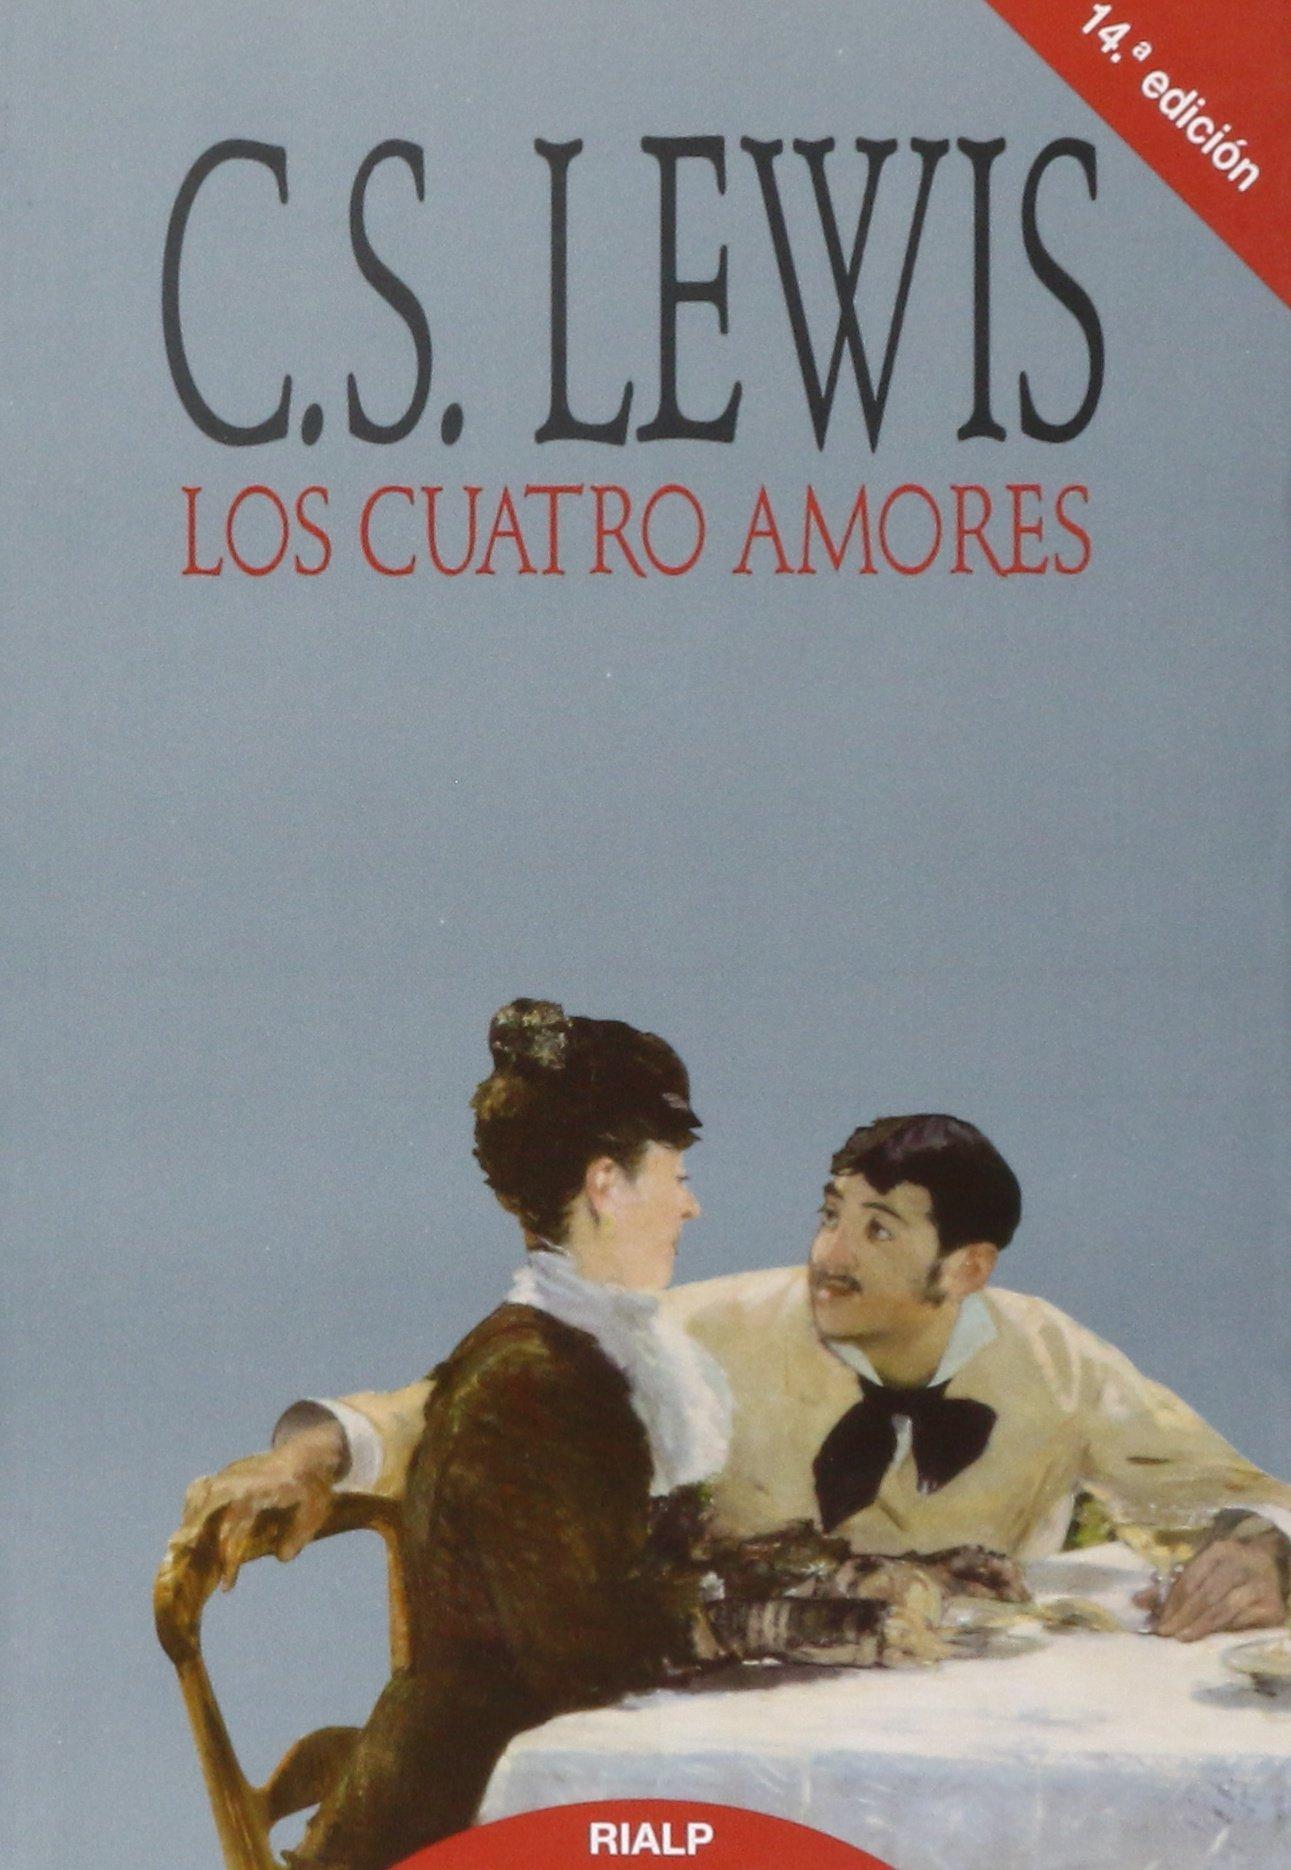 *Los cuatro amores (Bibilioteca C. S. Lewis) Tapa blanda – 1 abr 1991 Clive Staples Lewis Pedro Antonio Urbina Rialp 8432127493